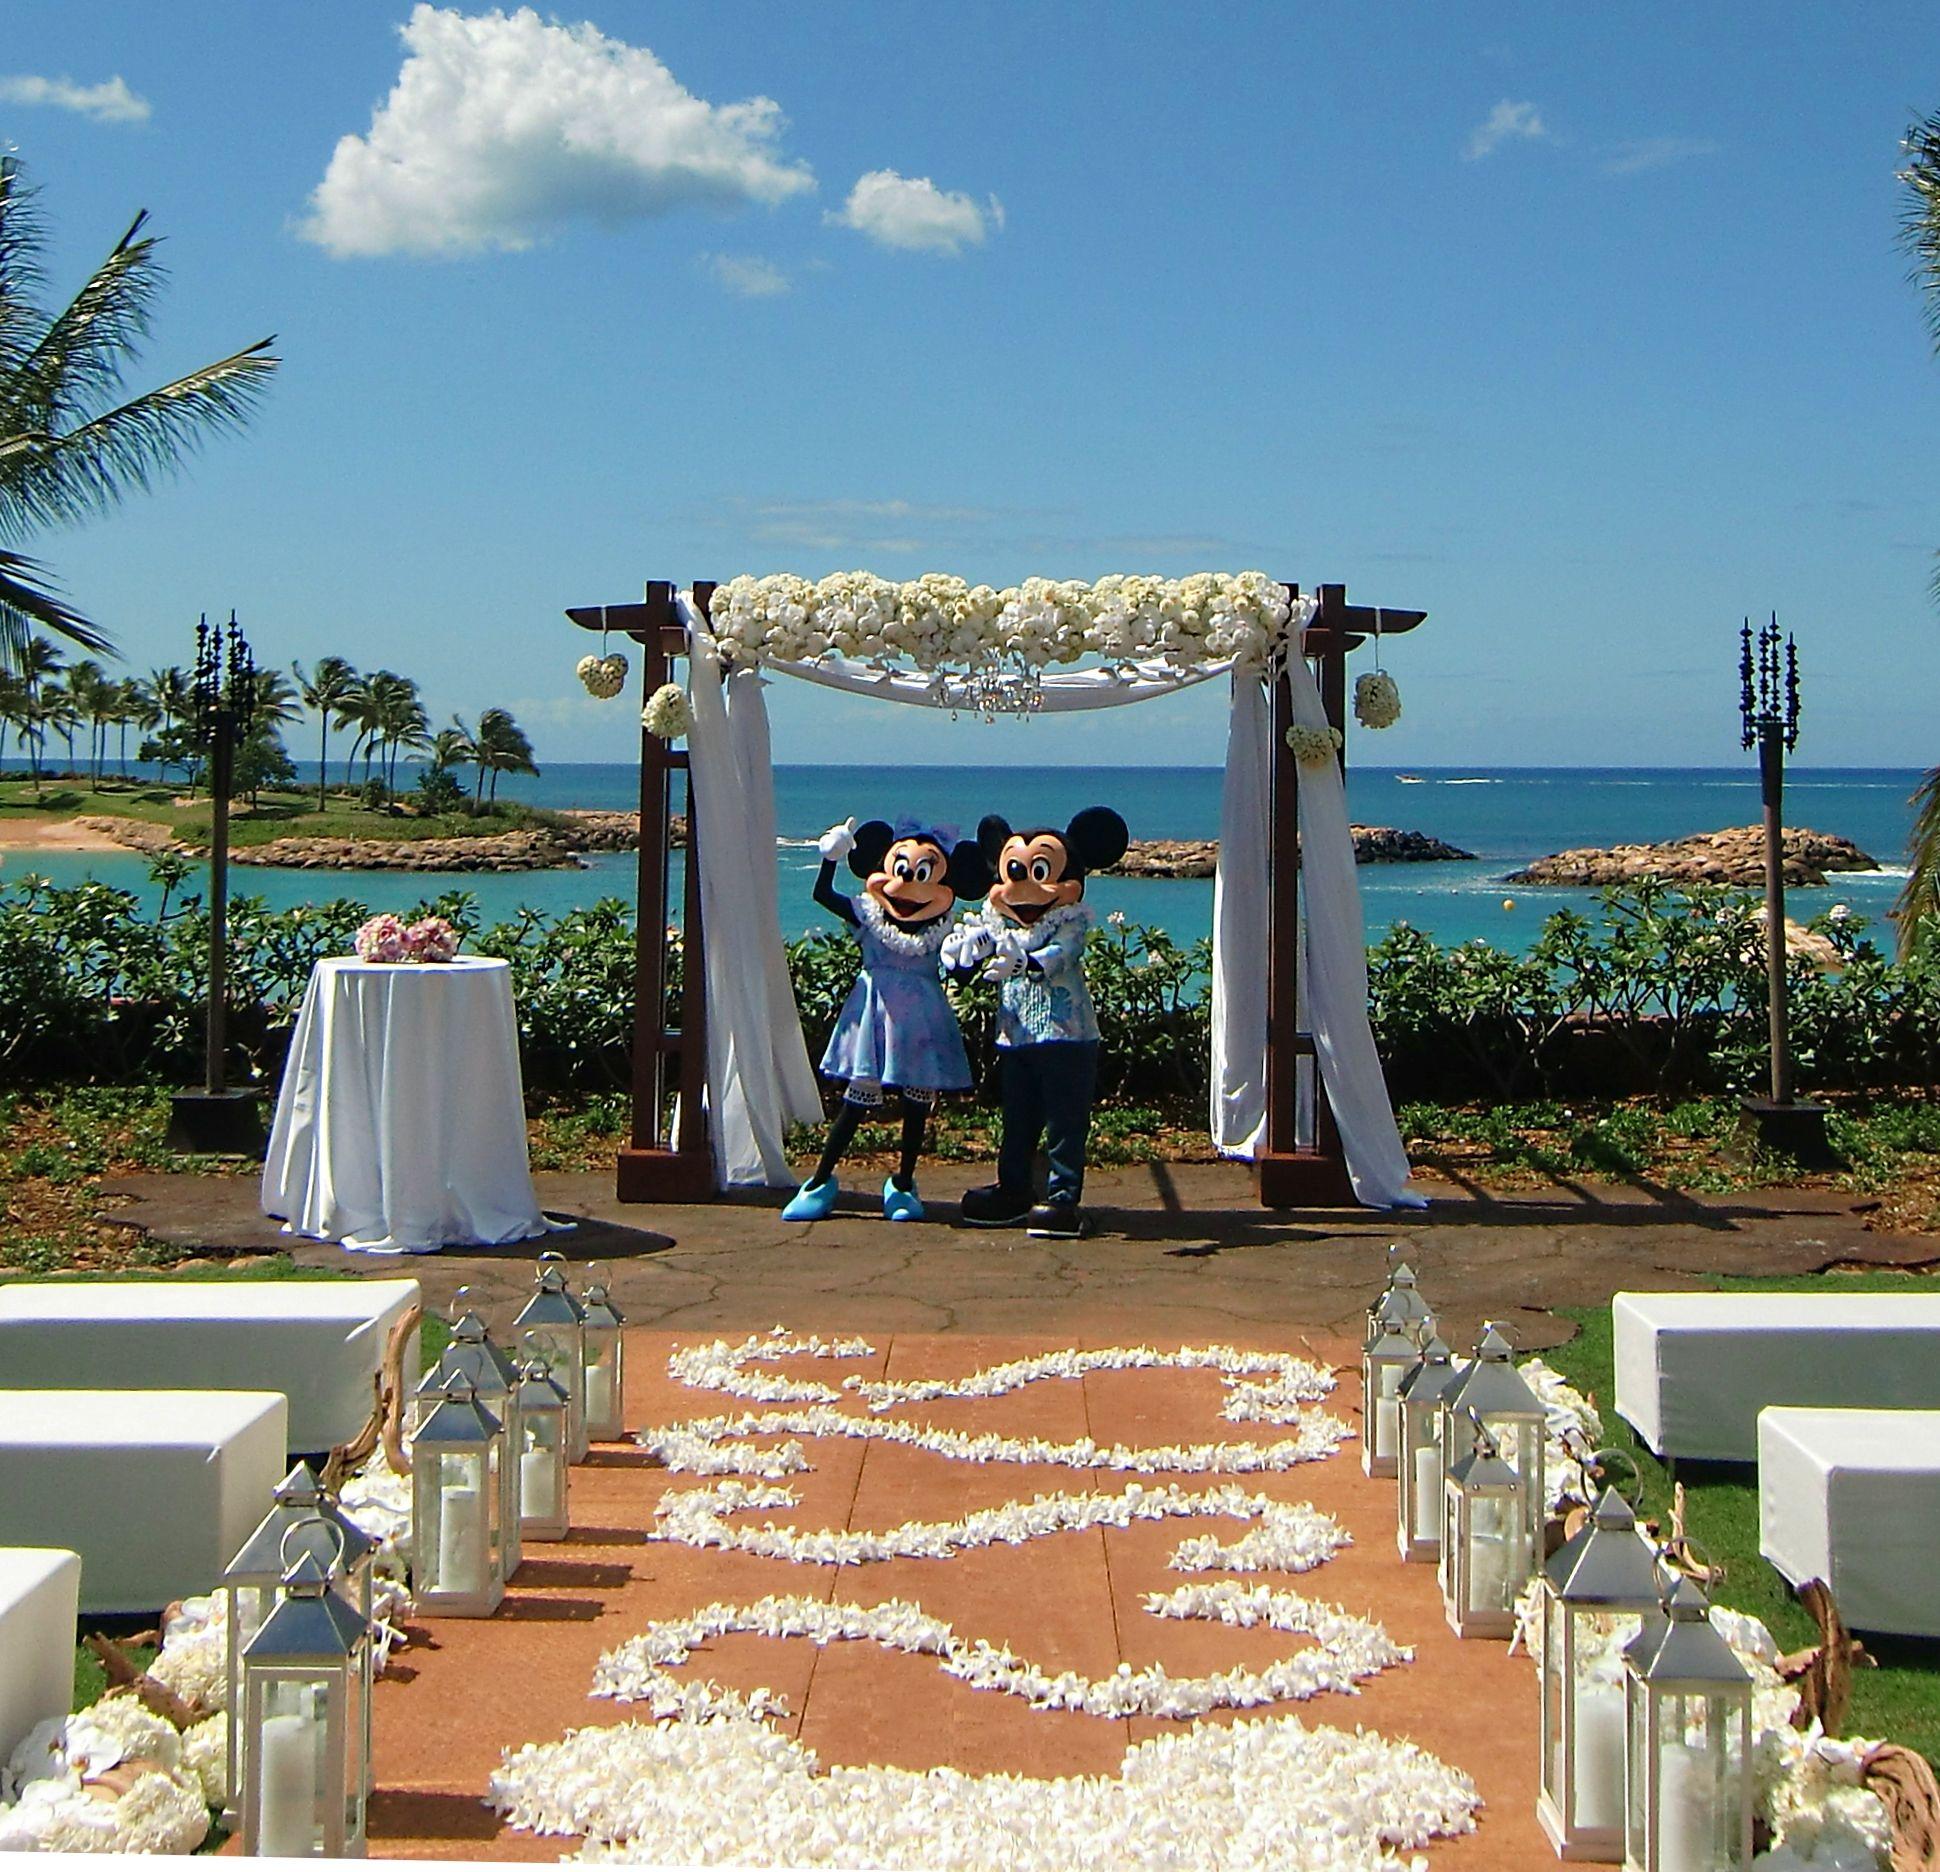 Wedding Ceremony At Disney Vacation Club Aulani Hawaii 10 Anniversary Idea